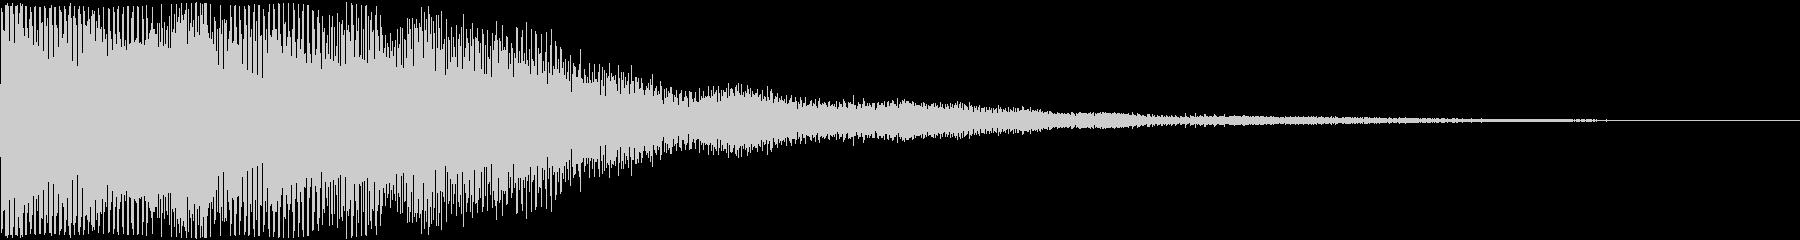 シンセパッドのSFX_02の未再生の波形